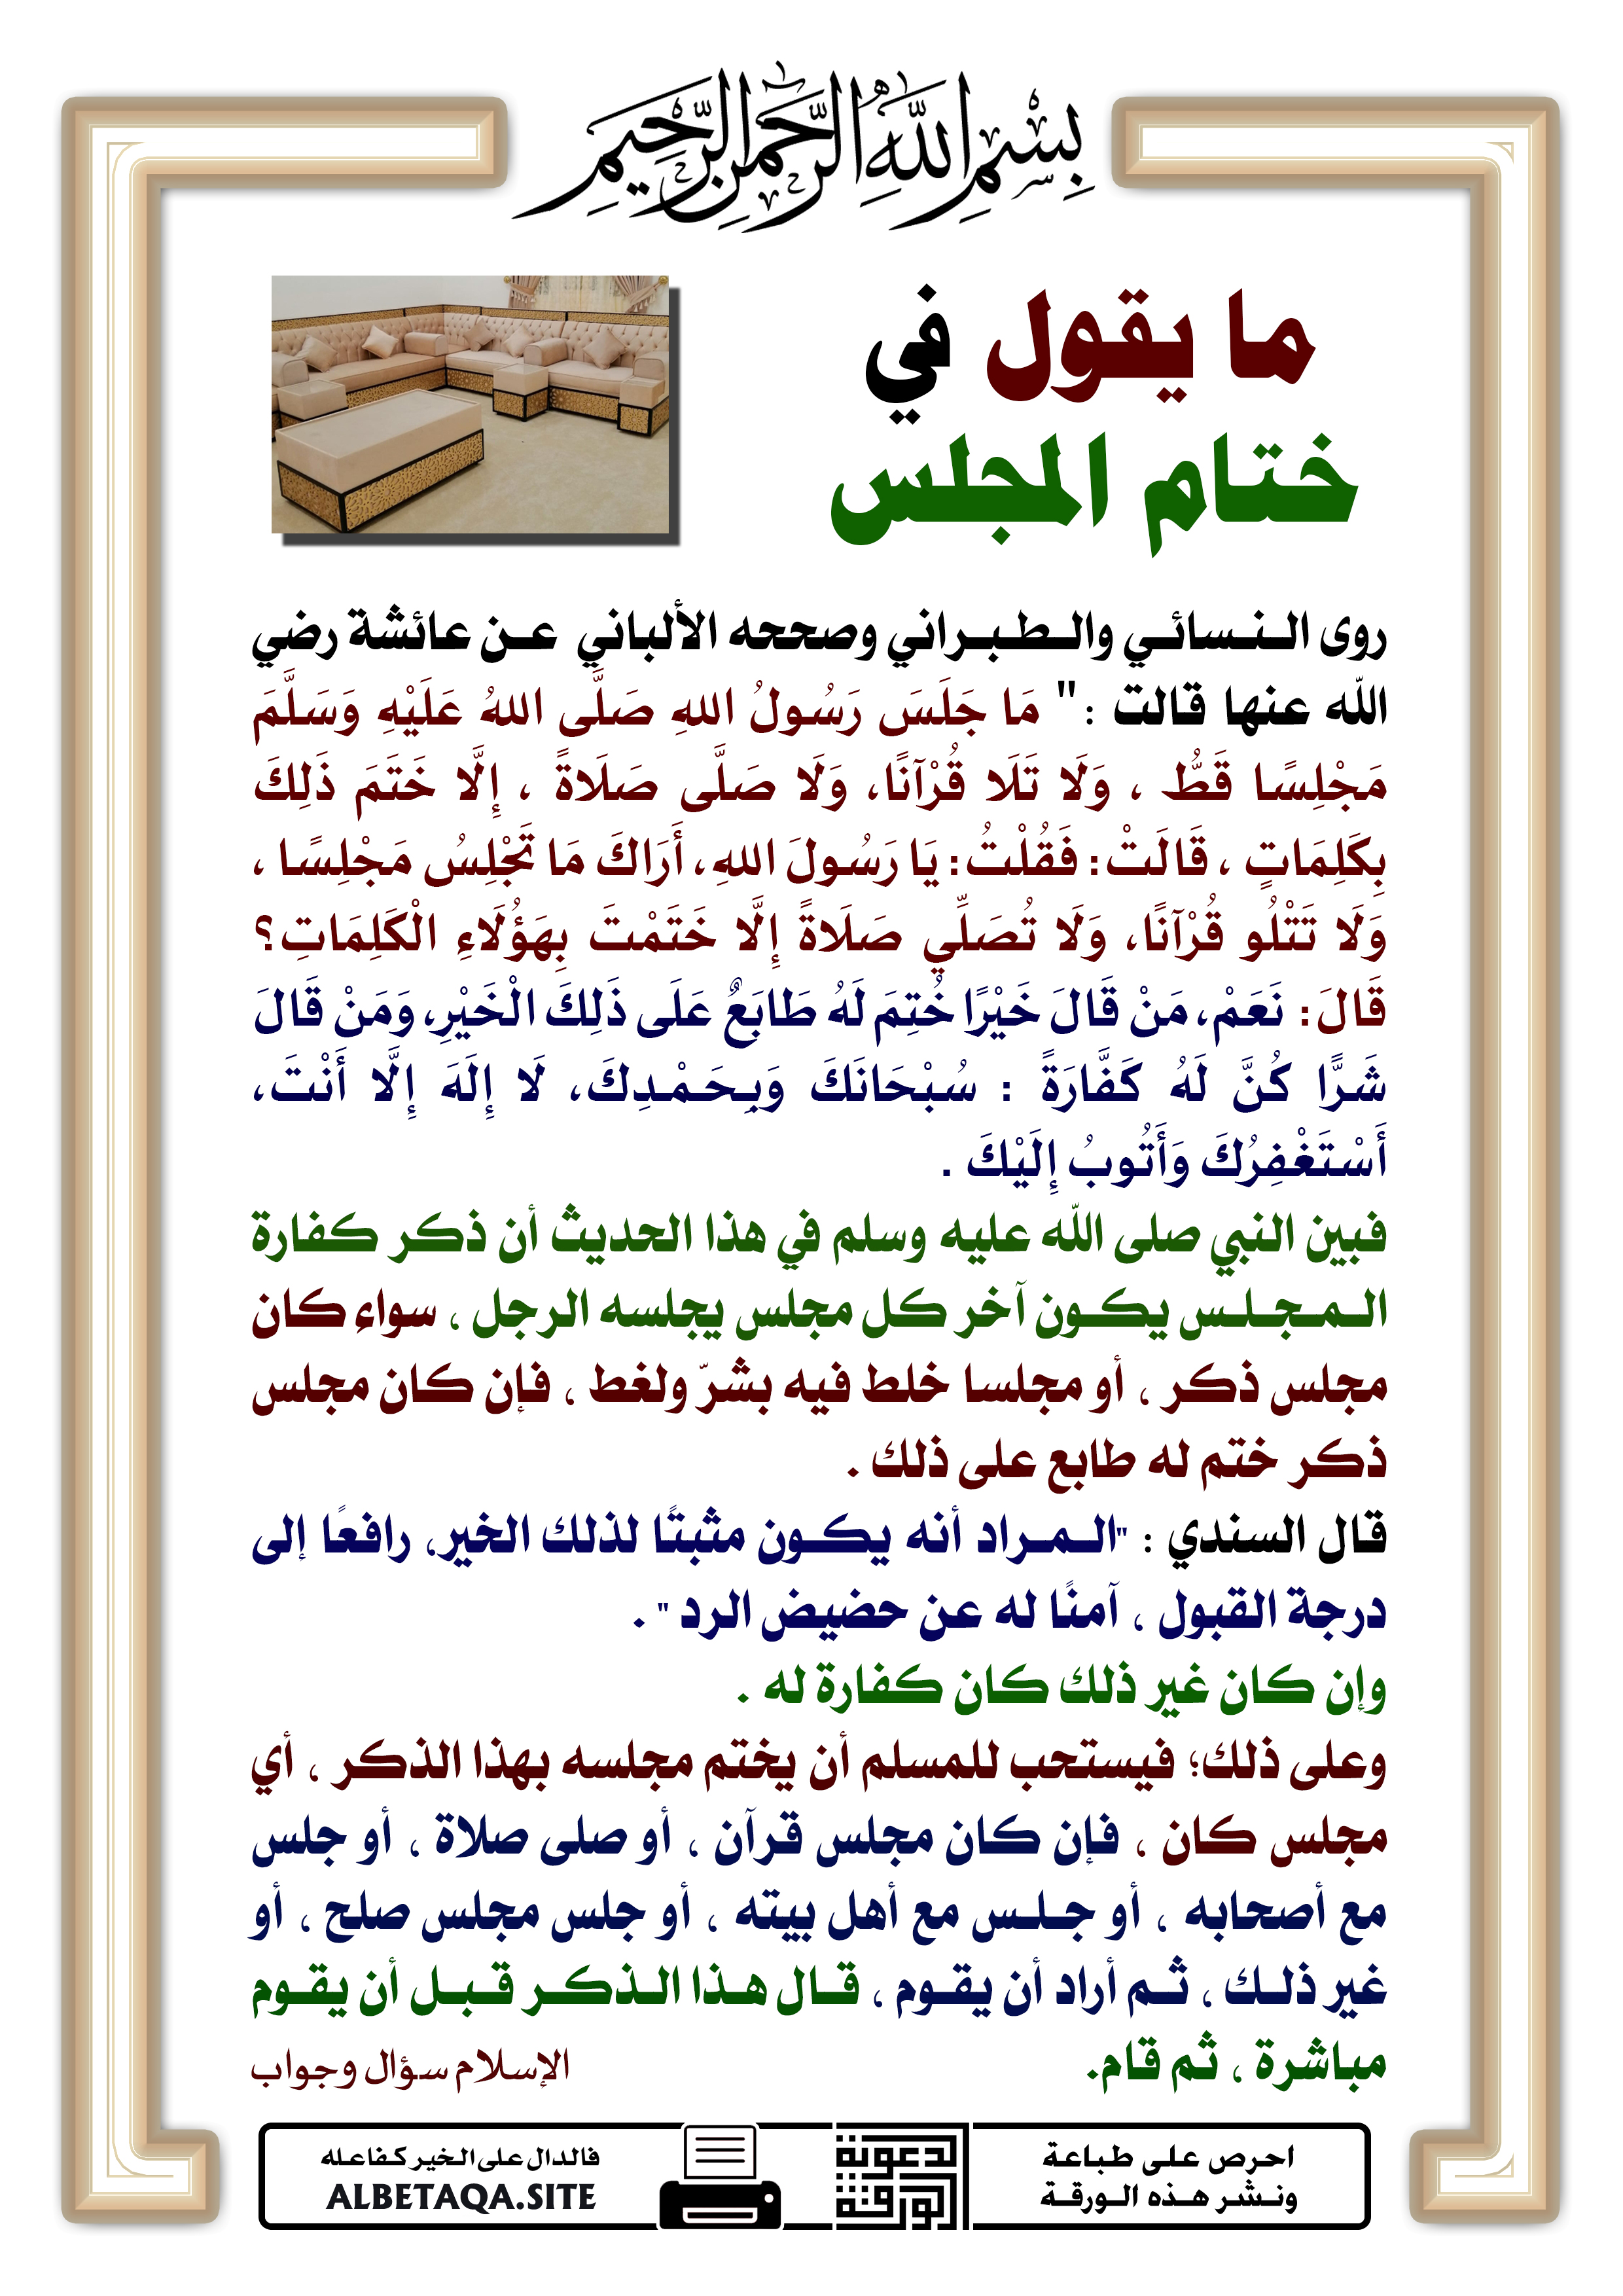 ما يقول في ختام المجلس موقع البطاقة الدعوي